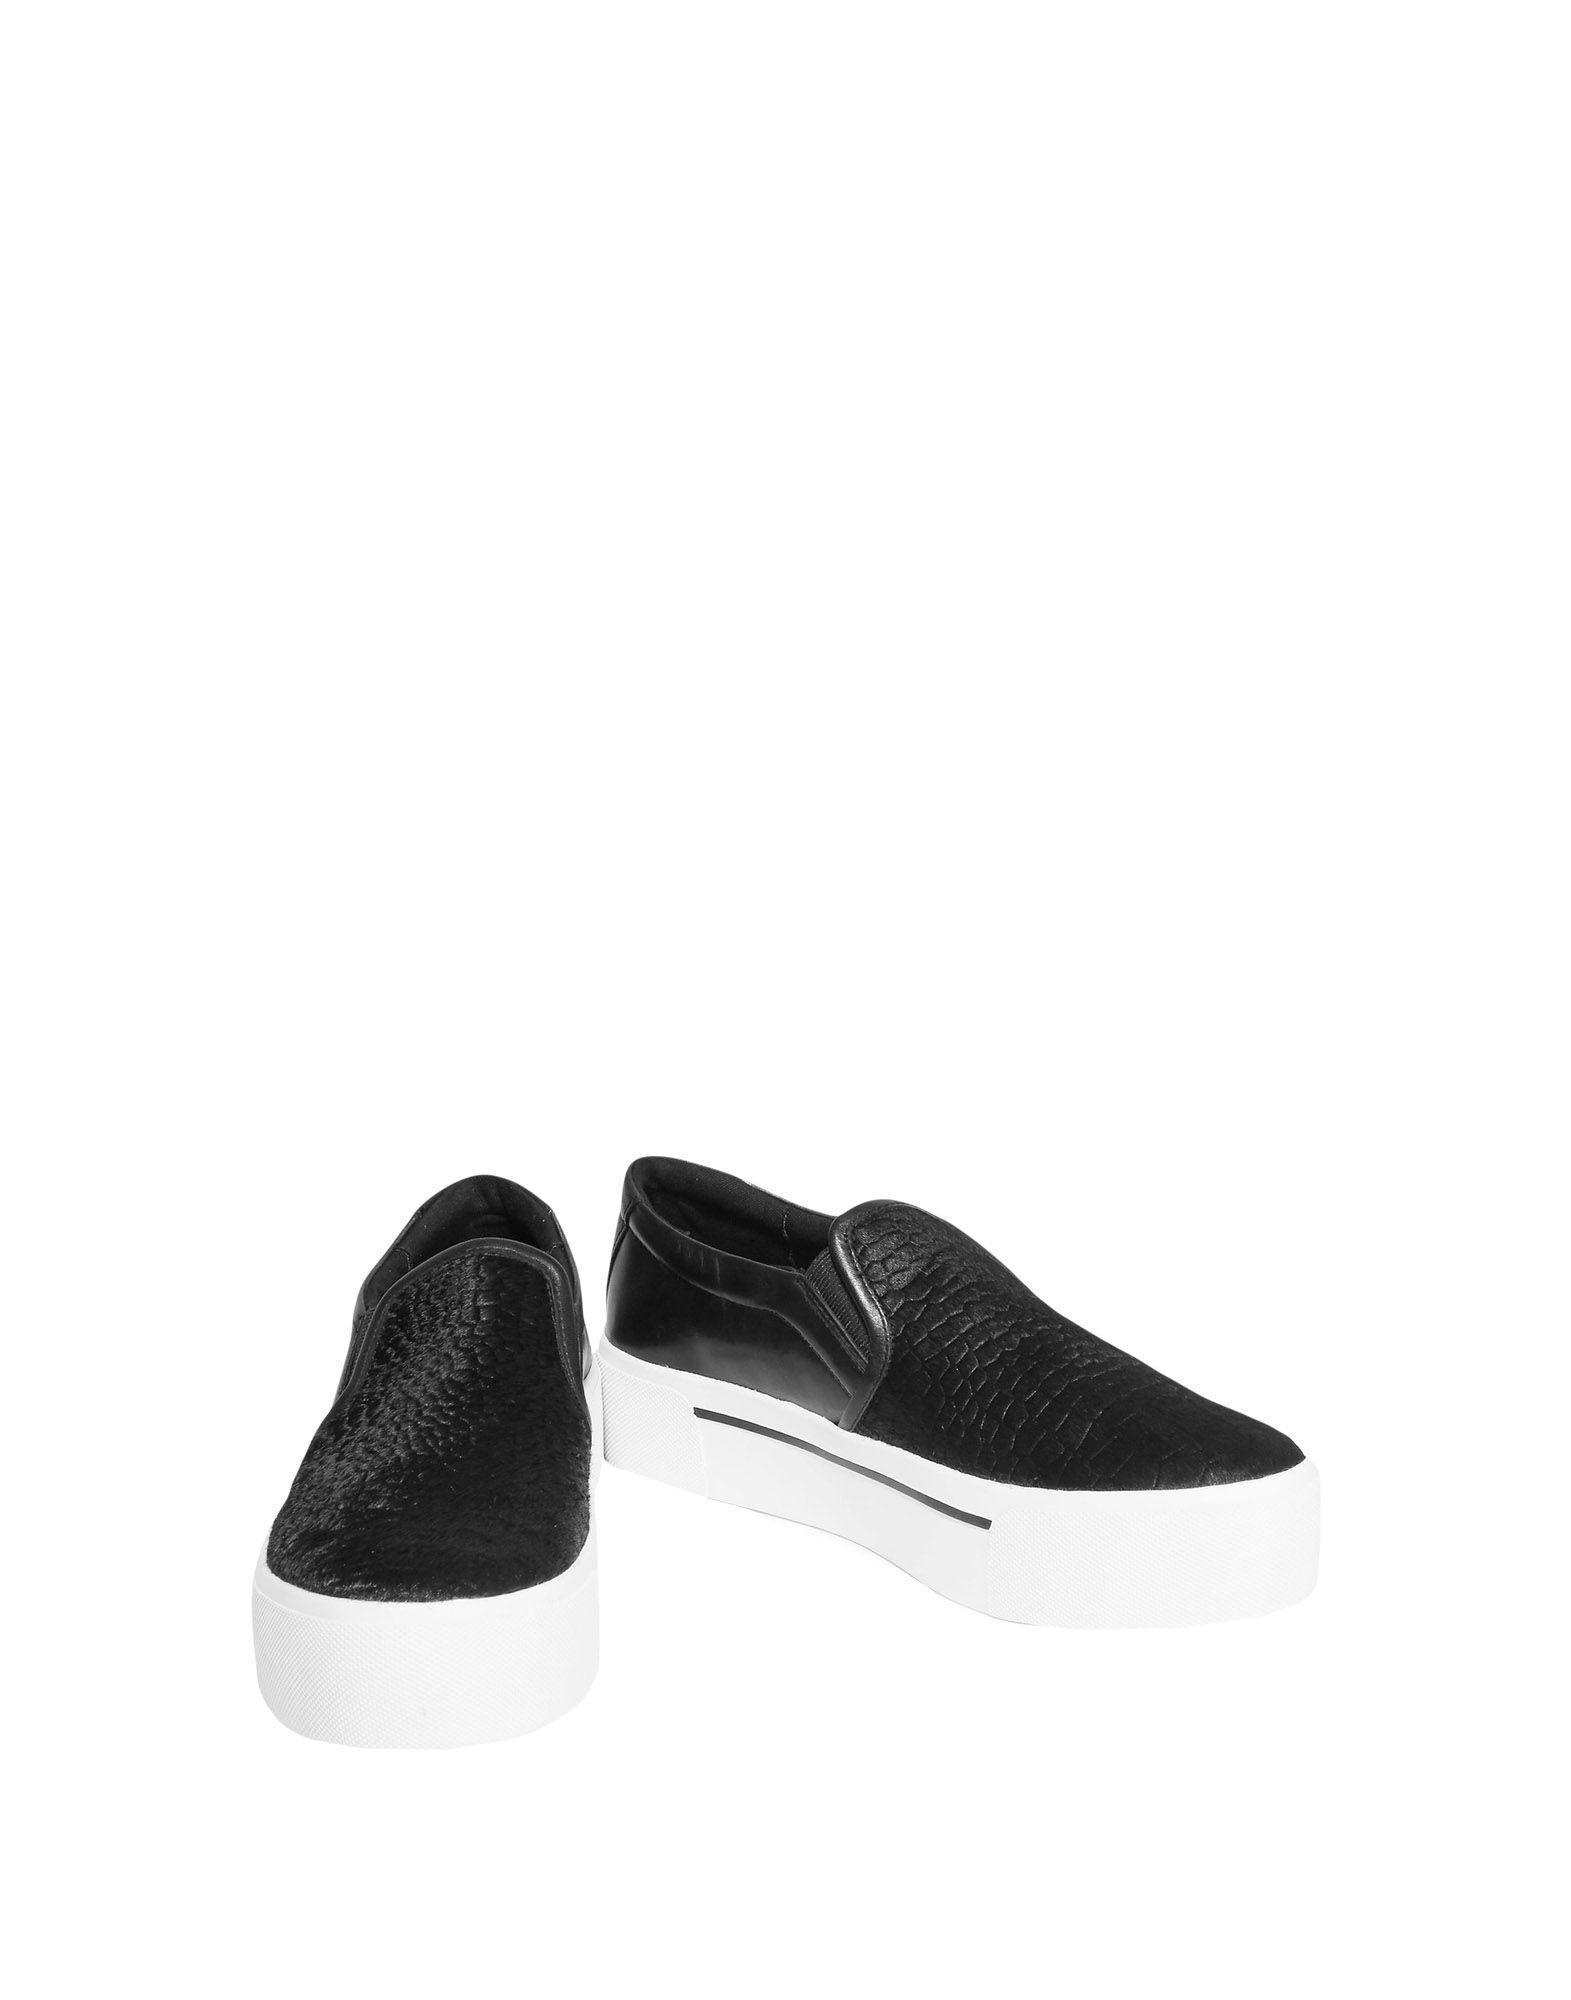 Moda Sneakers Dkny Donna Donna Dkny - 11524134XK 912eee